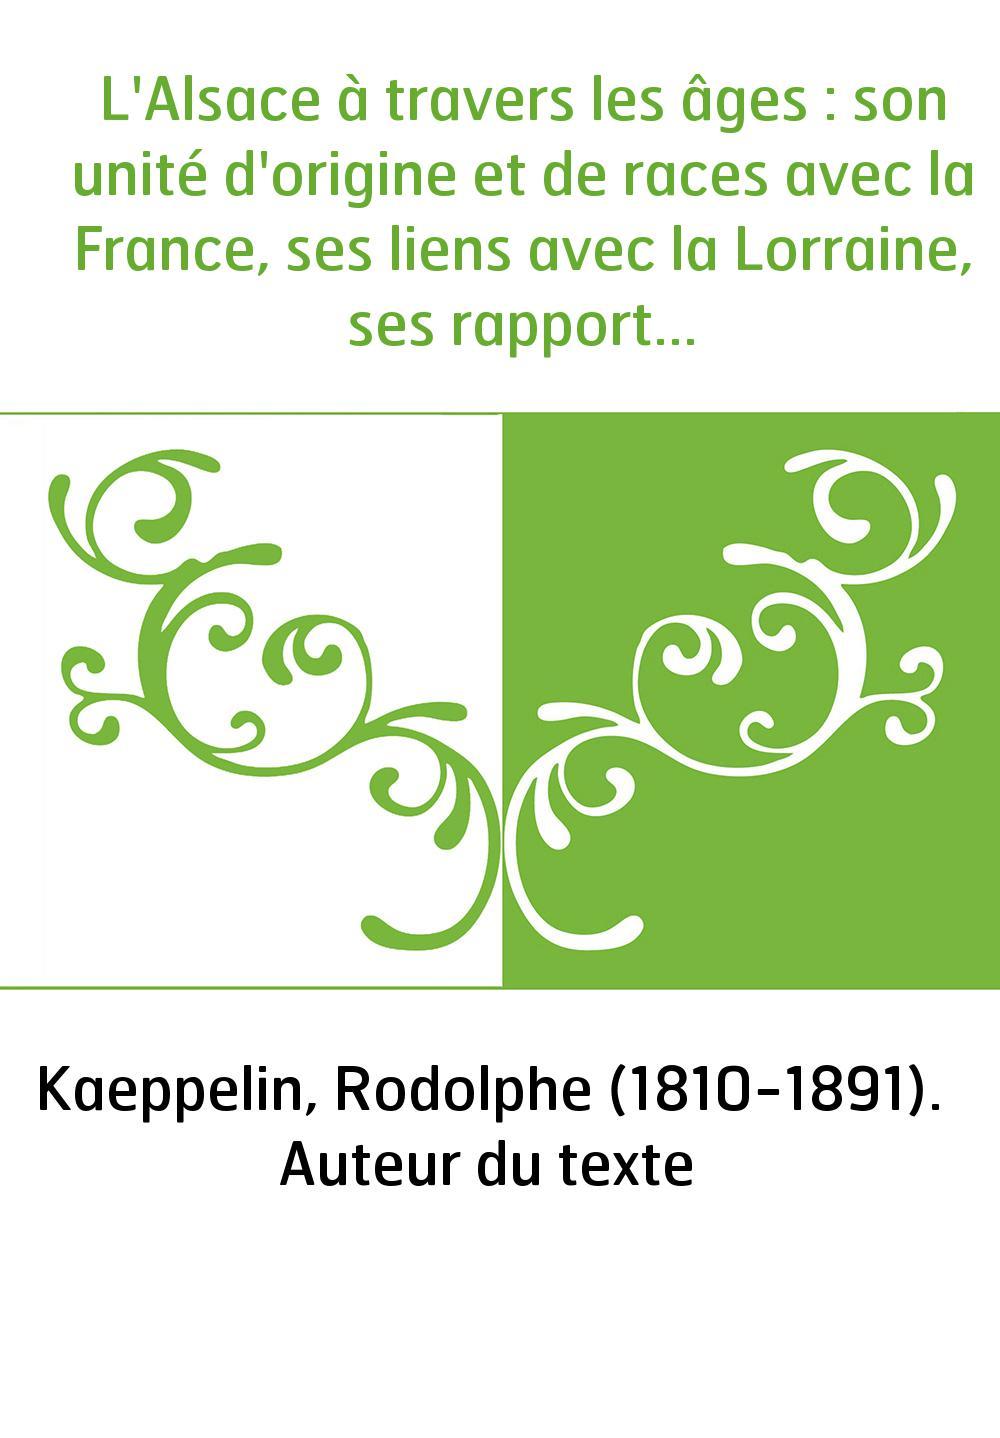 L'Alsace à travers les âges : son unité d'origine et de races avec la France, ses liens avec la Lorraine, ses rapports avec l'Al